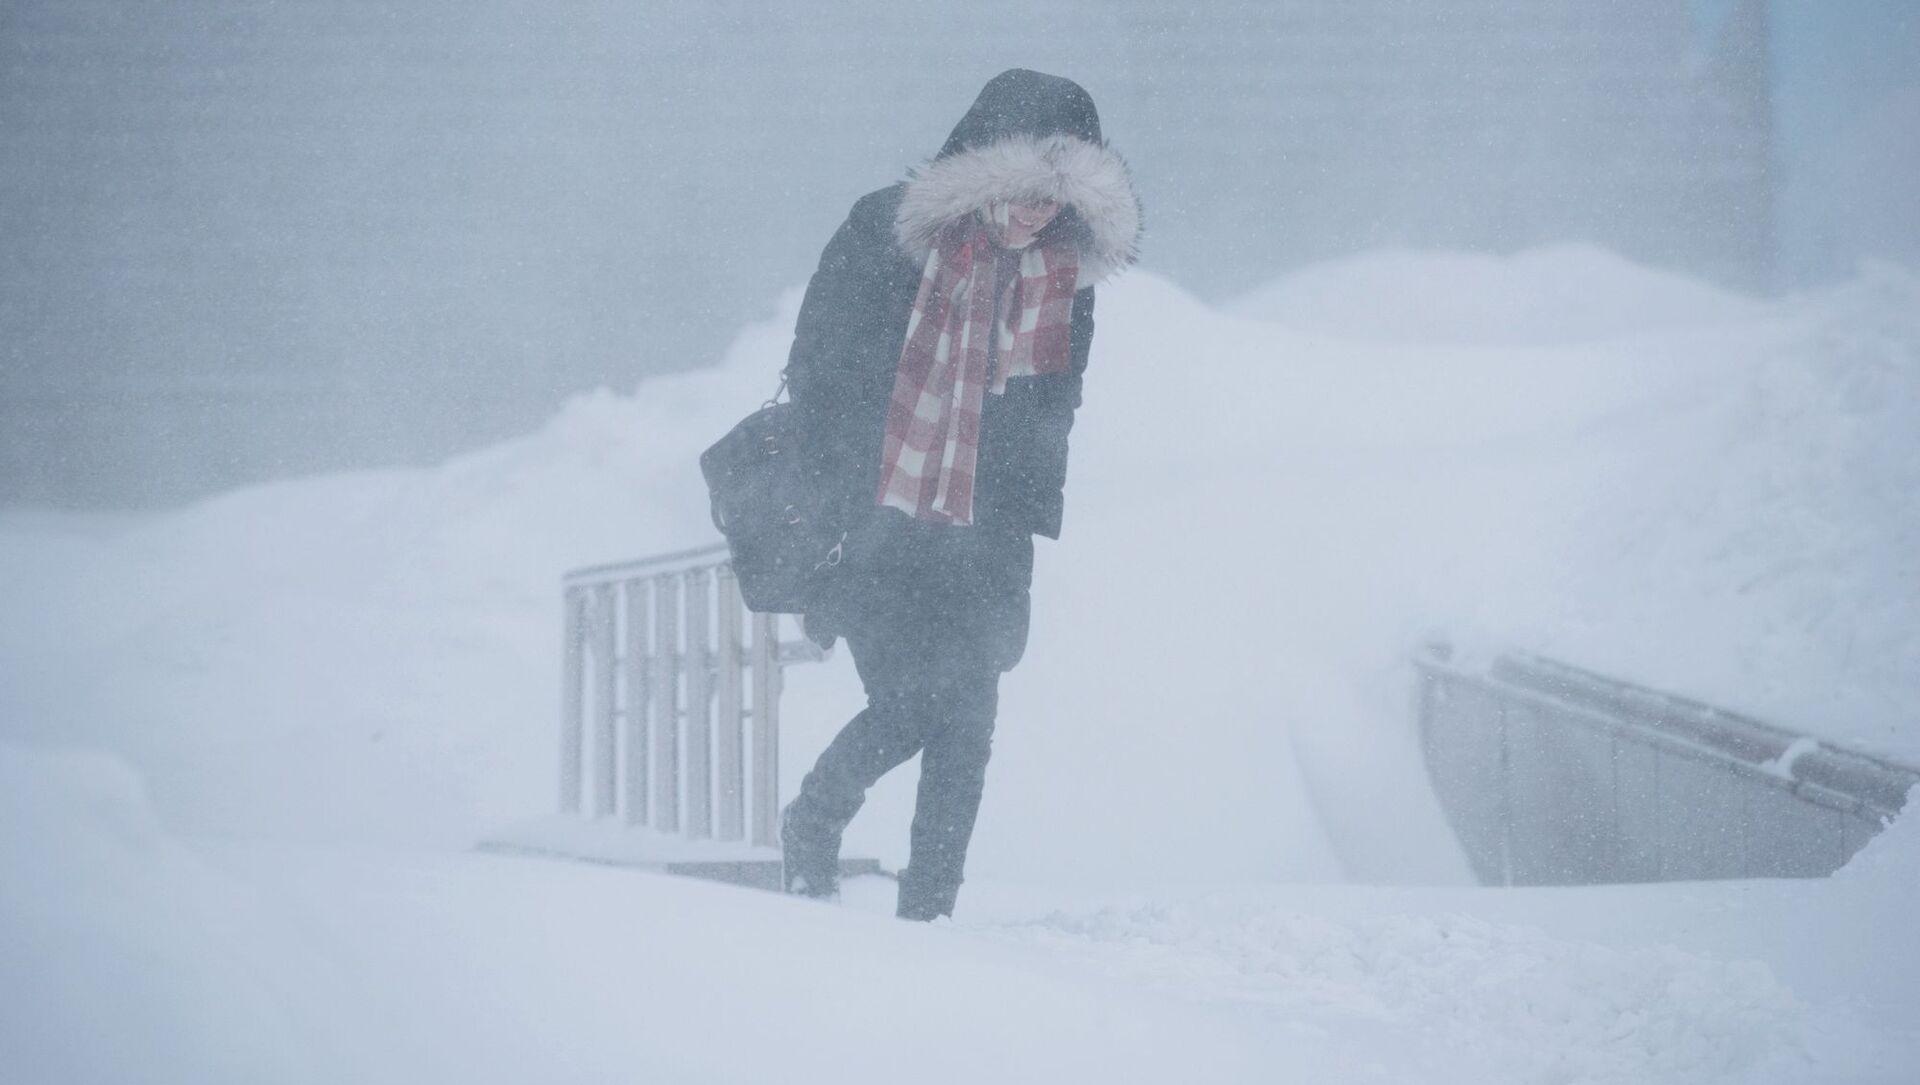 Dziewczyna idzie ulicą podczas burzy śnieżnej - Sputnik Polska, 1920, 07.02.2021